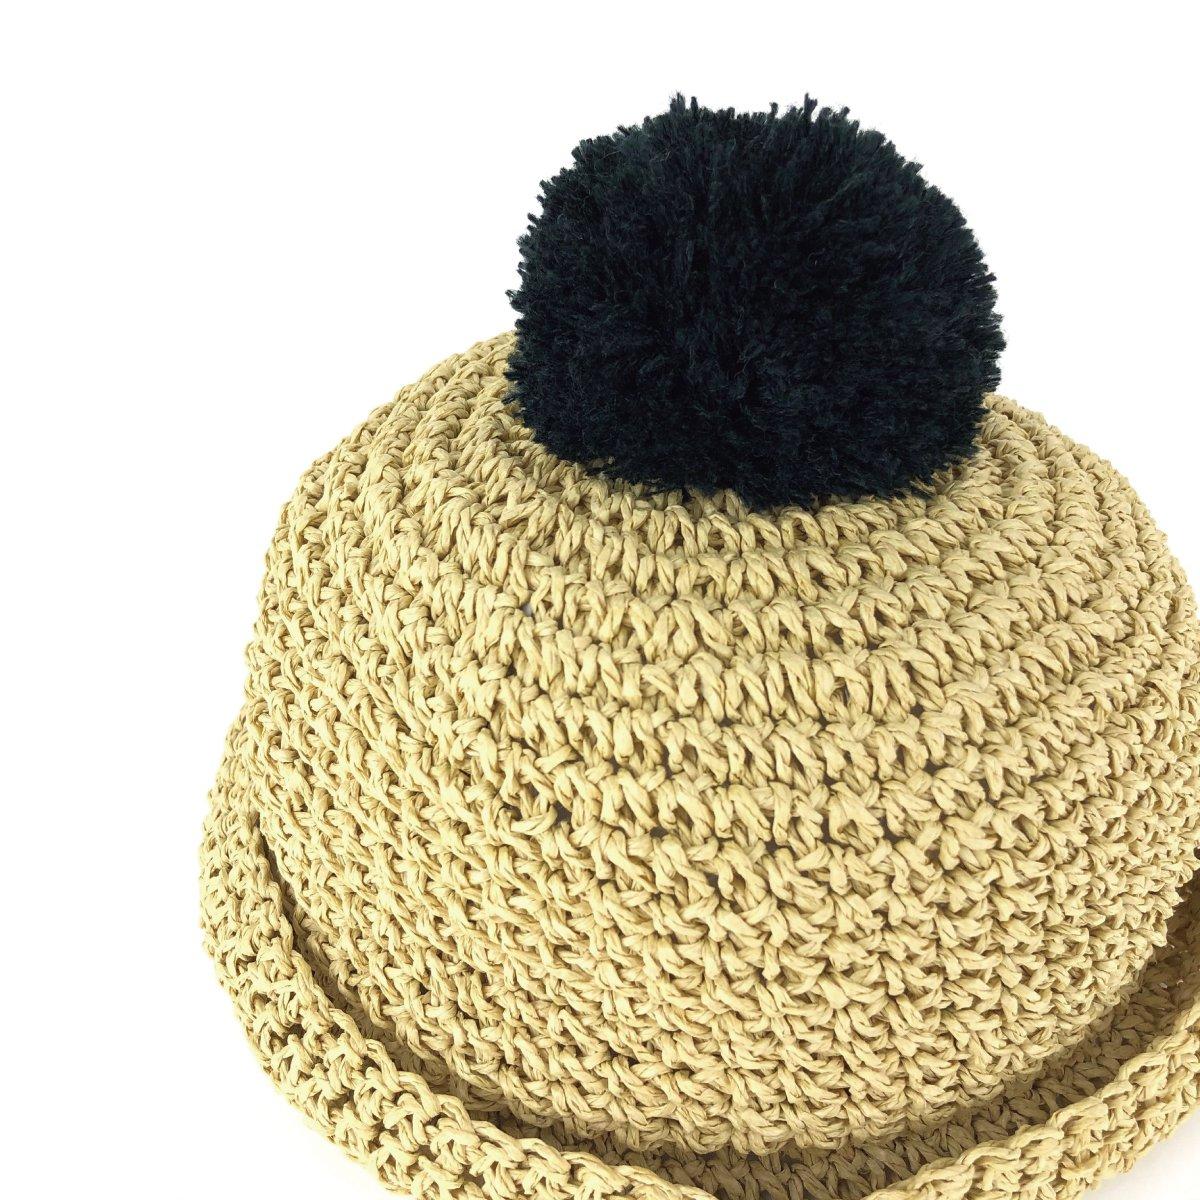 【BABY】Pon Coron Hat 詳細画像9